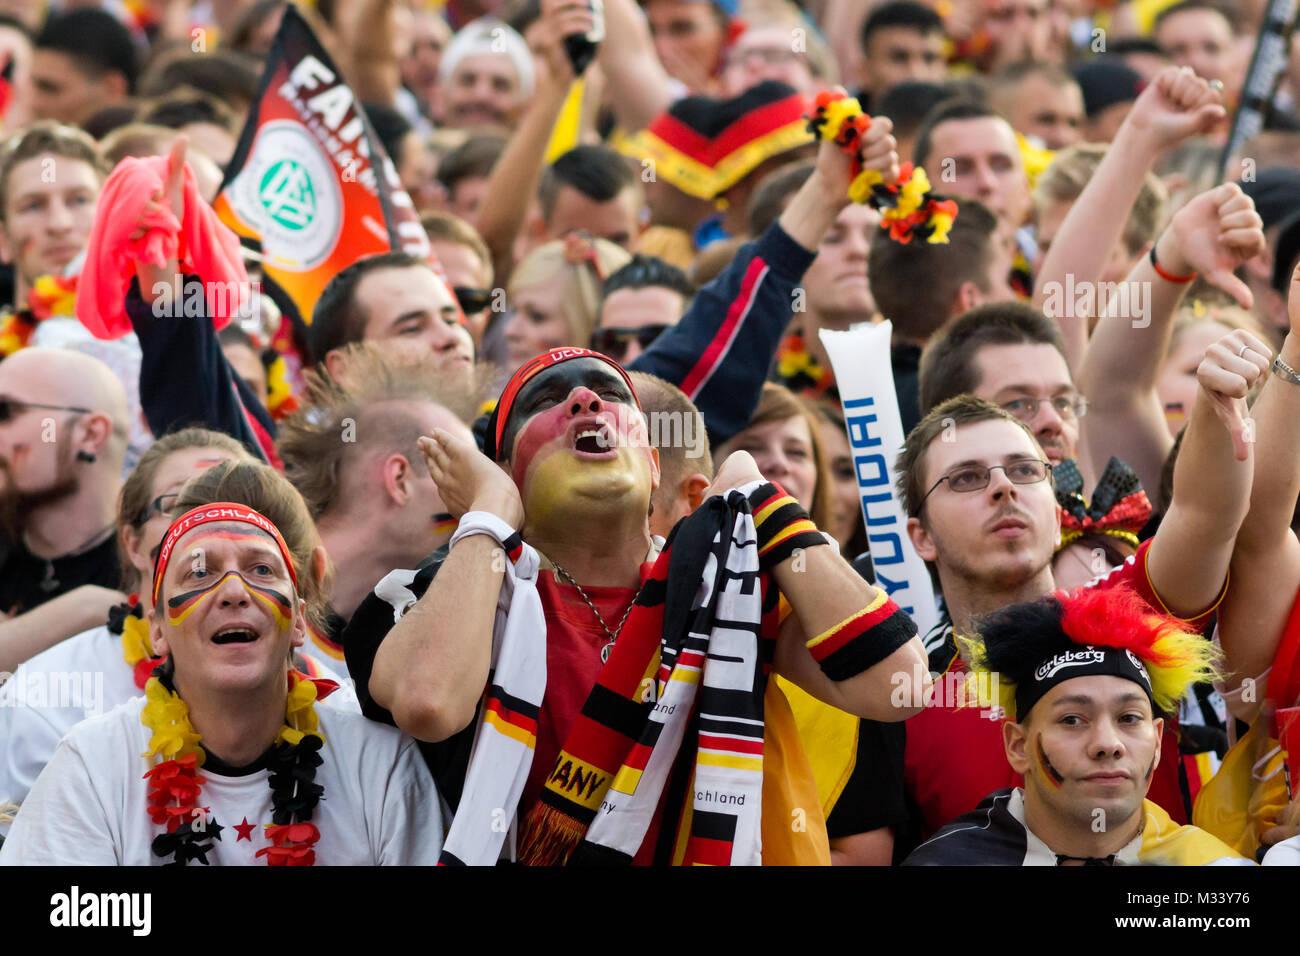 Menschenmassen verfolgen auf der riesigen Leinwand und freuen sich auf derFanmeile zur Europameisterschaft 2012 Deutschland gegen Griechenland am Brandenburger Tor en Berlín. Foto de stock